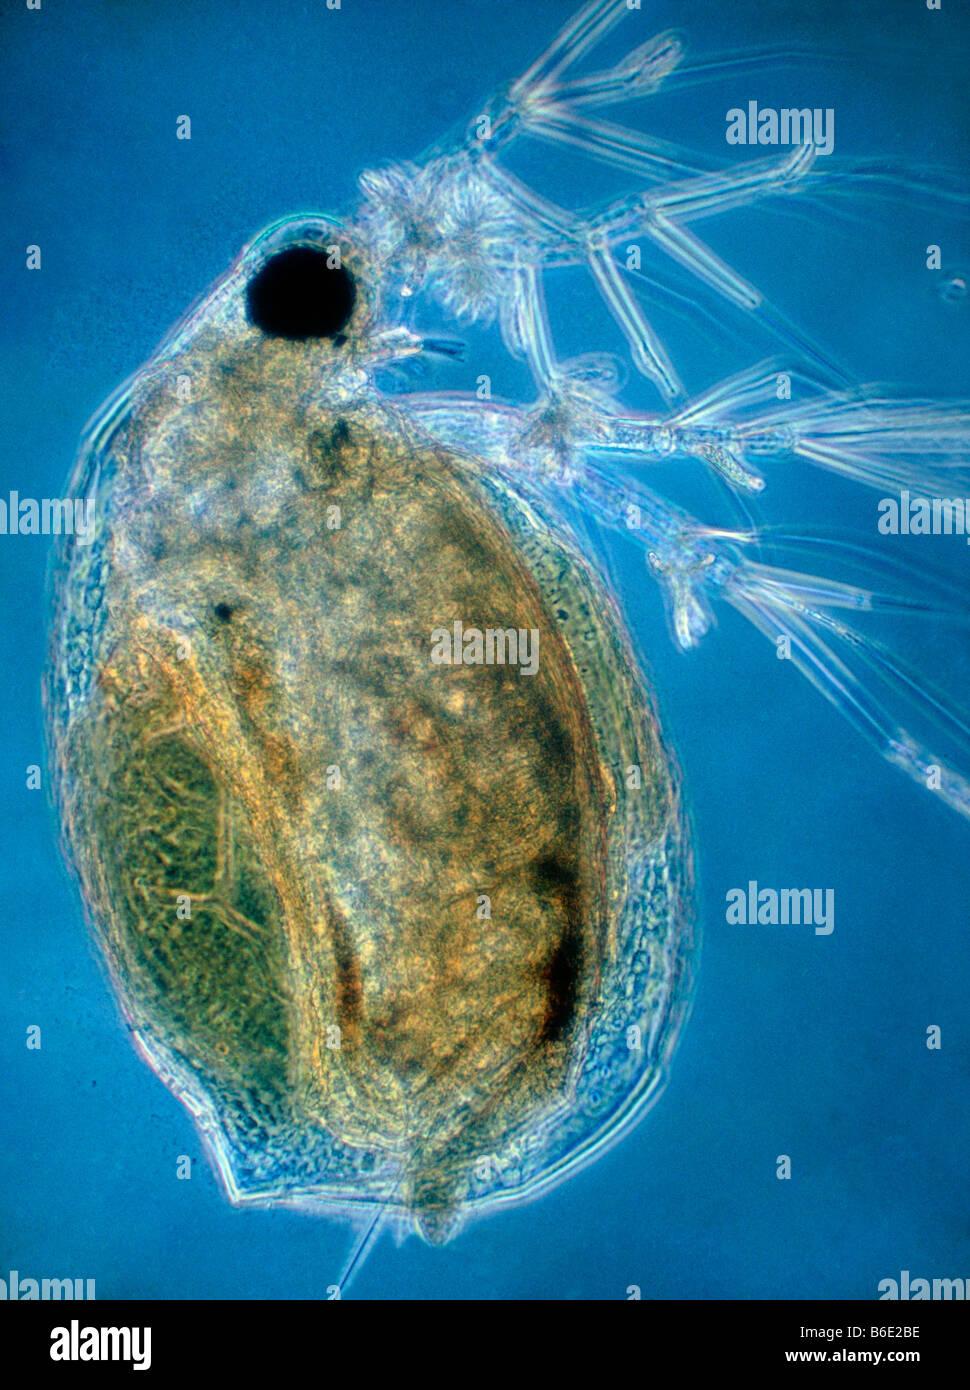 Waterflea Light Micrograph Of A Waterflea Daphnia Pulex A Small